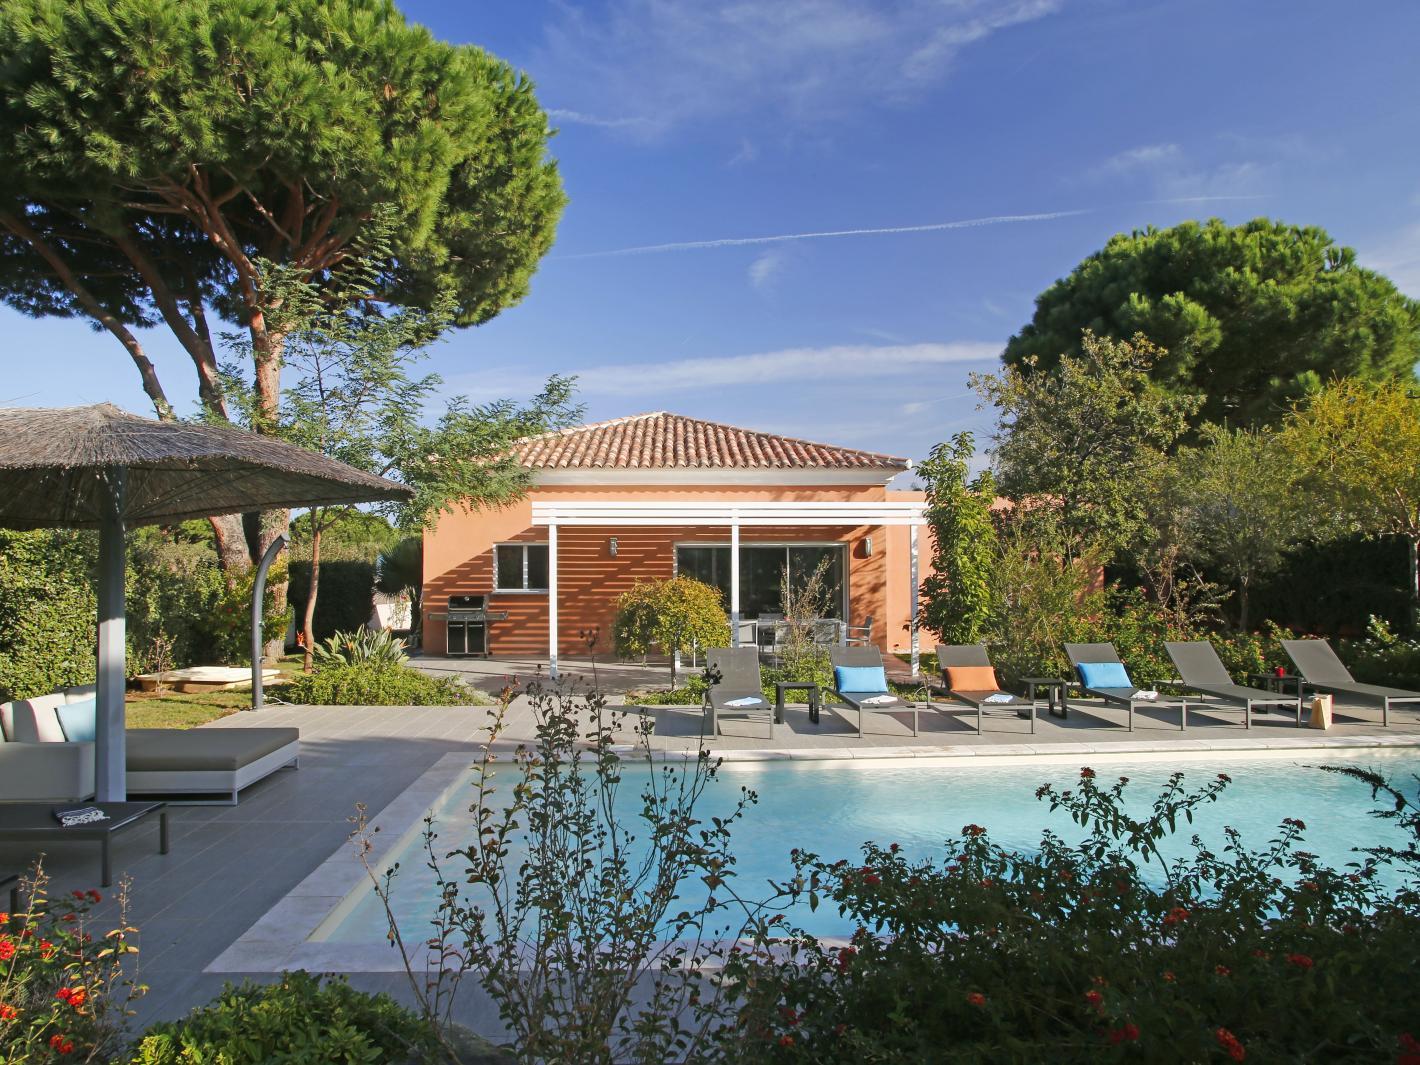 Villa livia location de prestige proche plage calvi for Location villa prestige